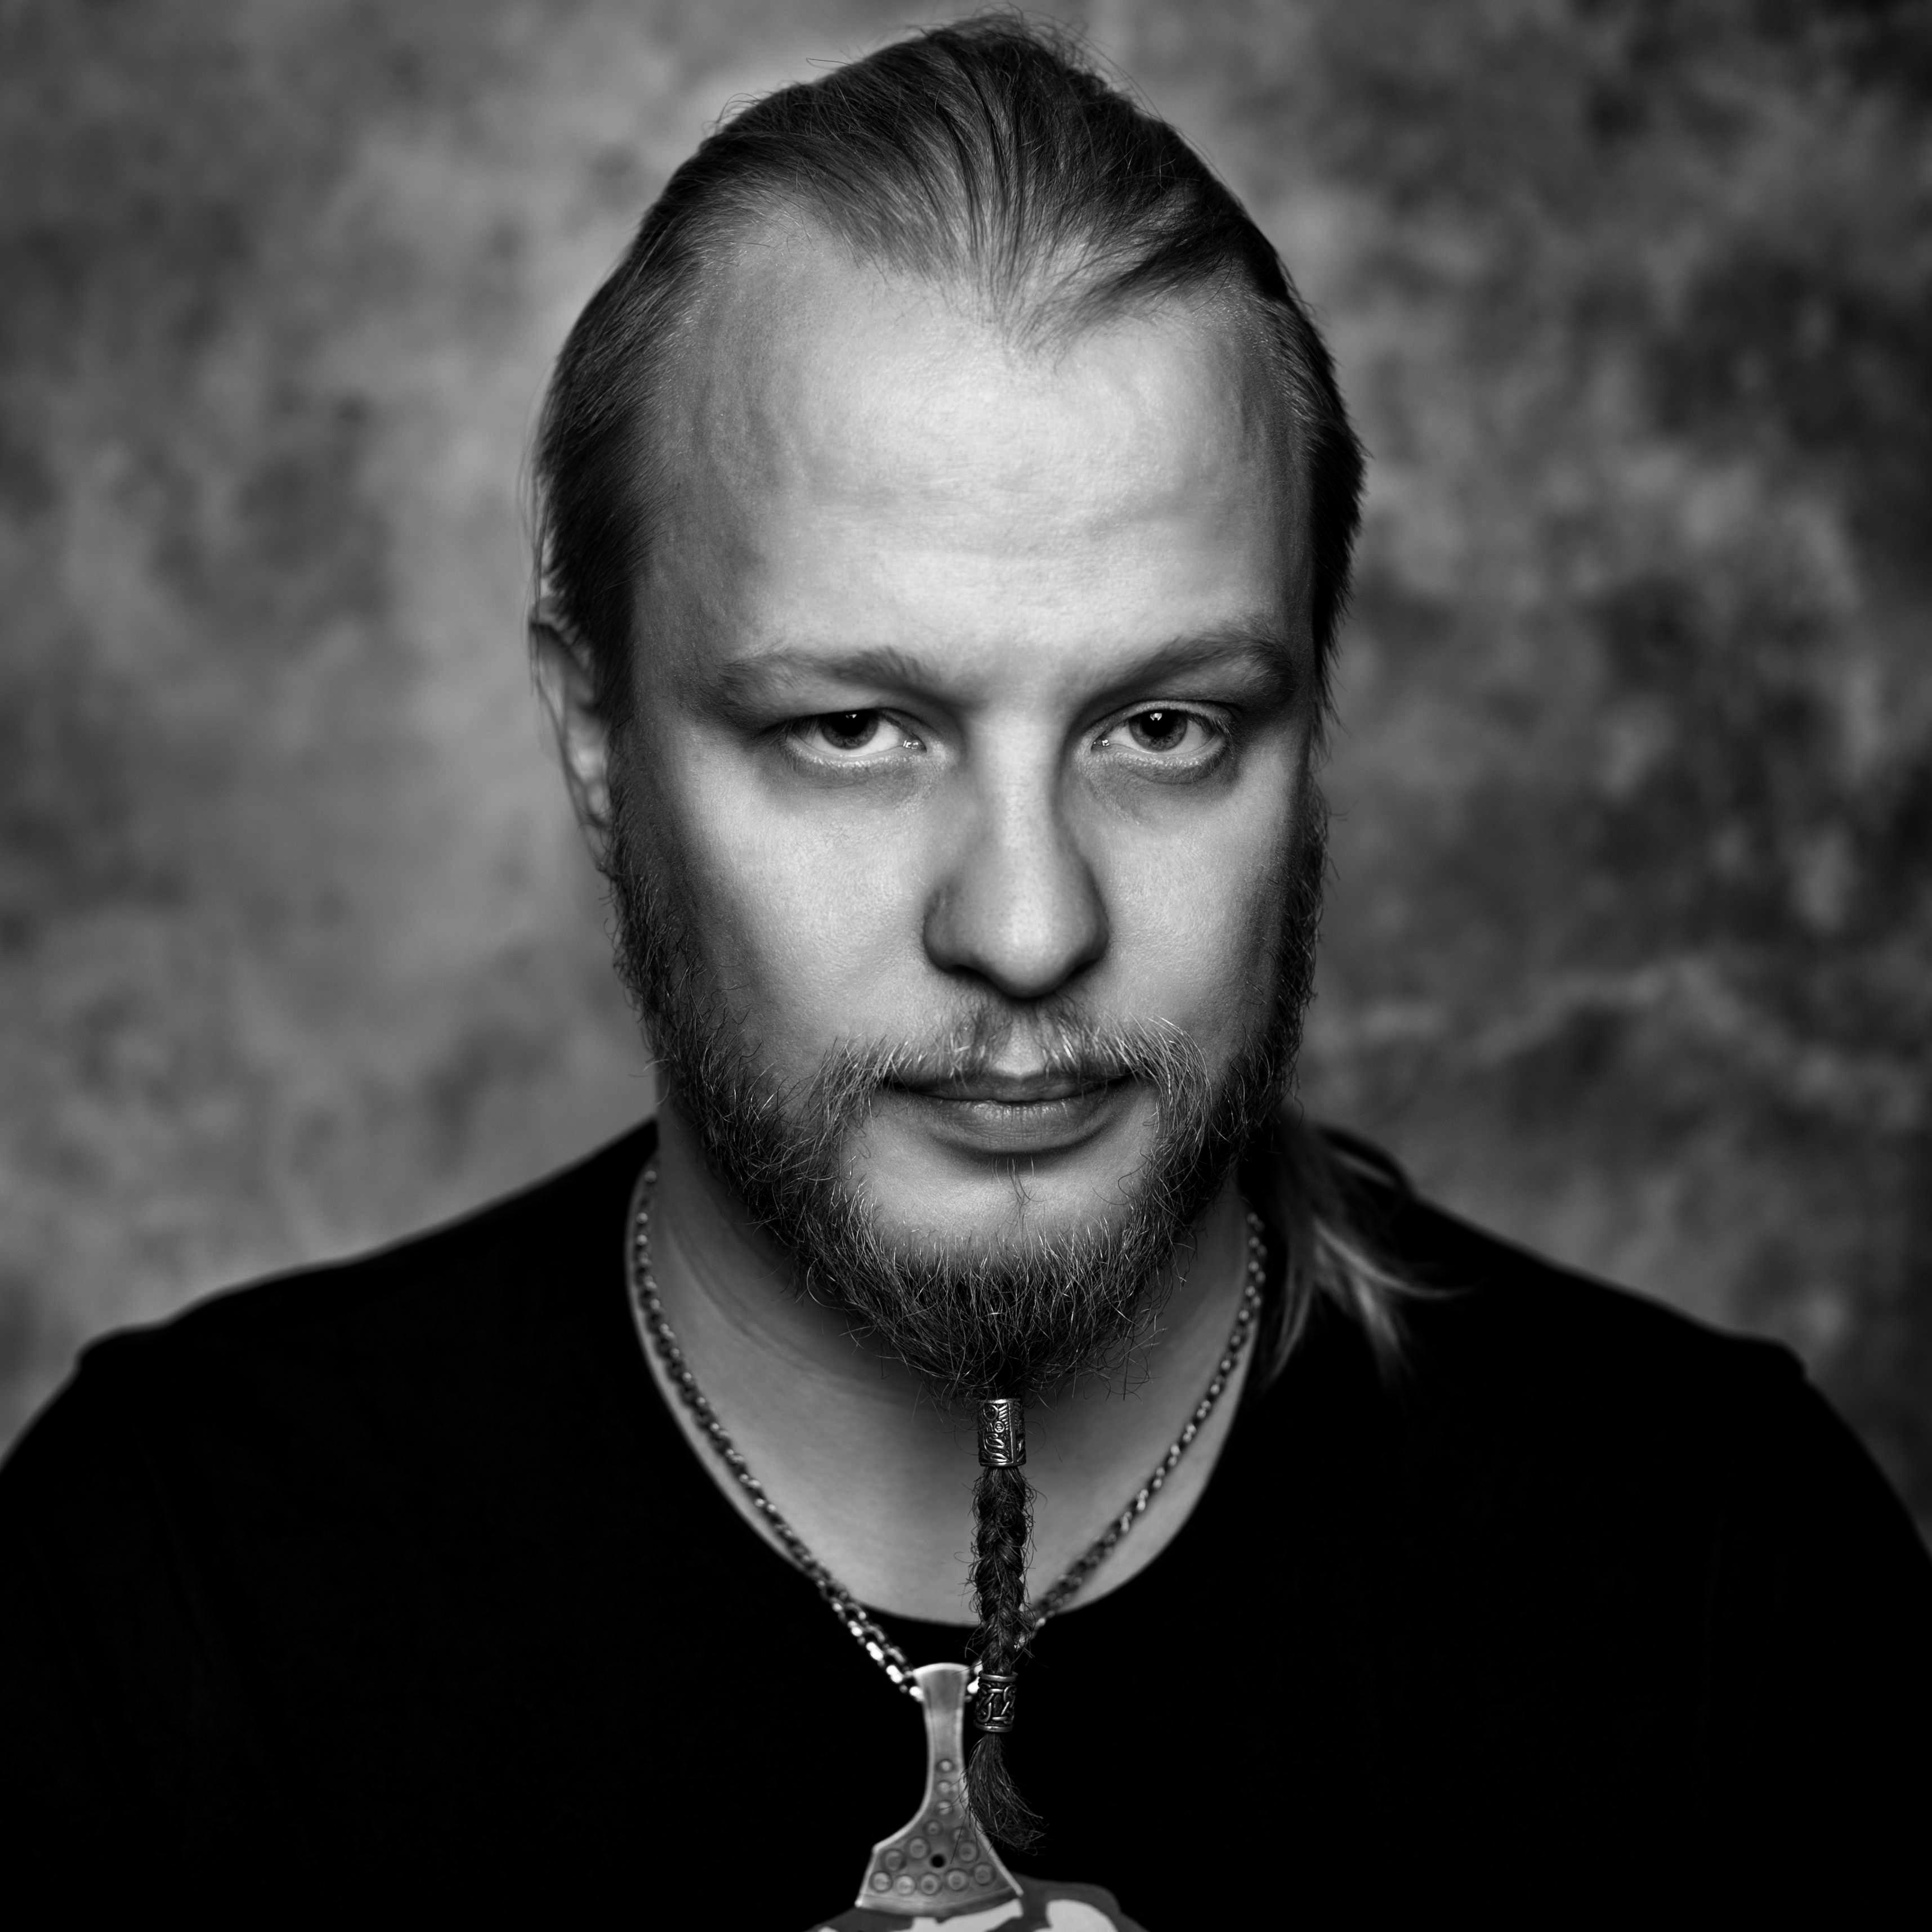 Juhani Lehtimäki